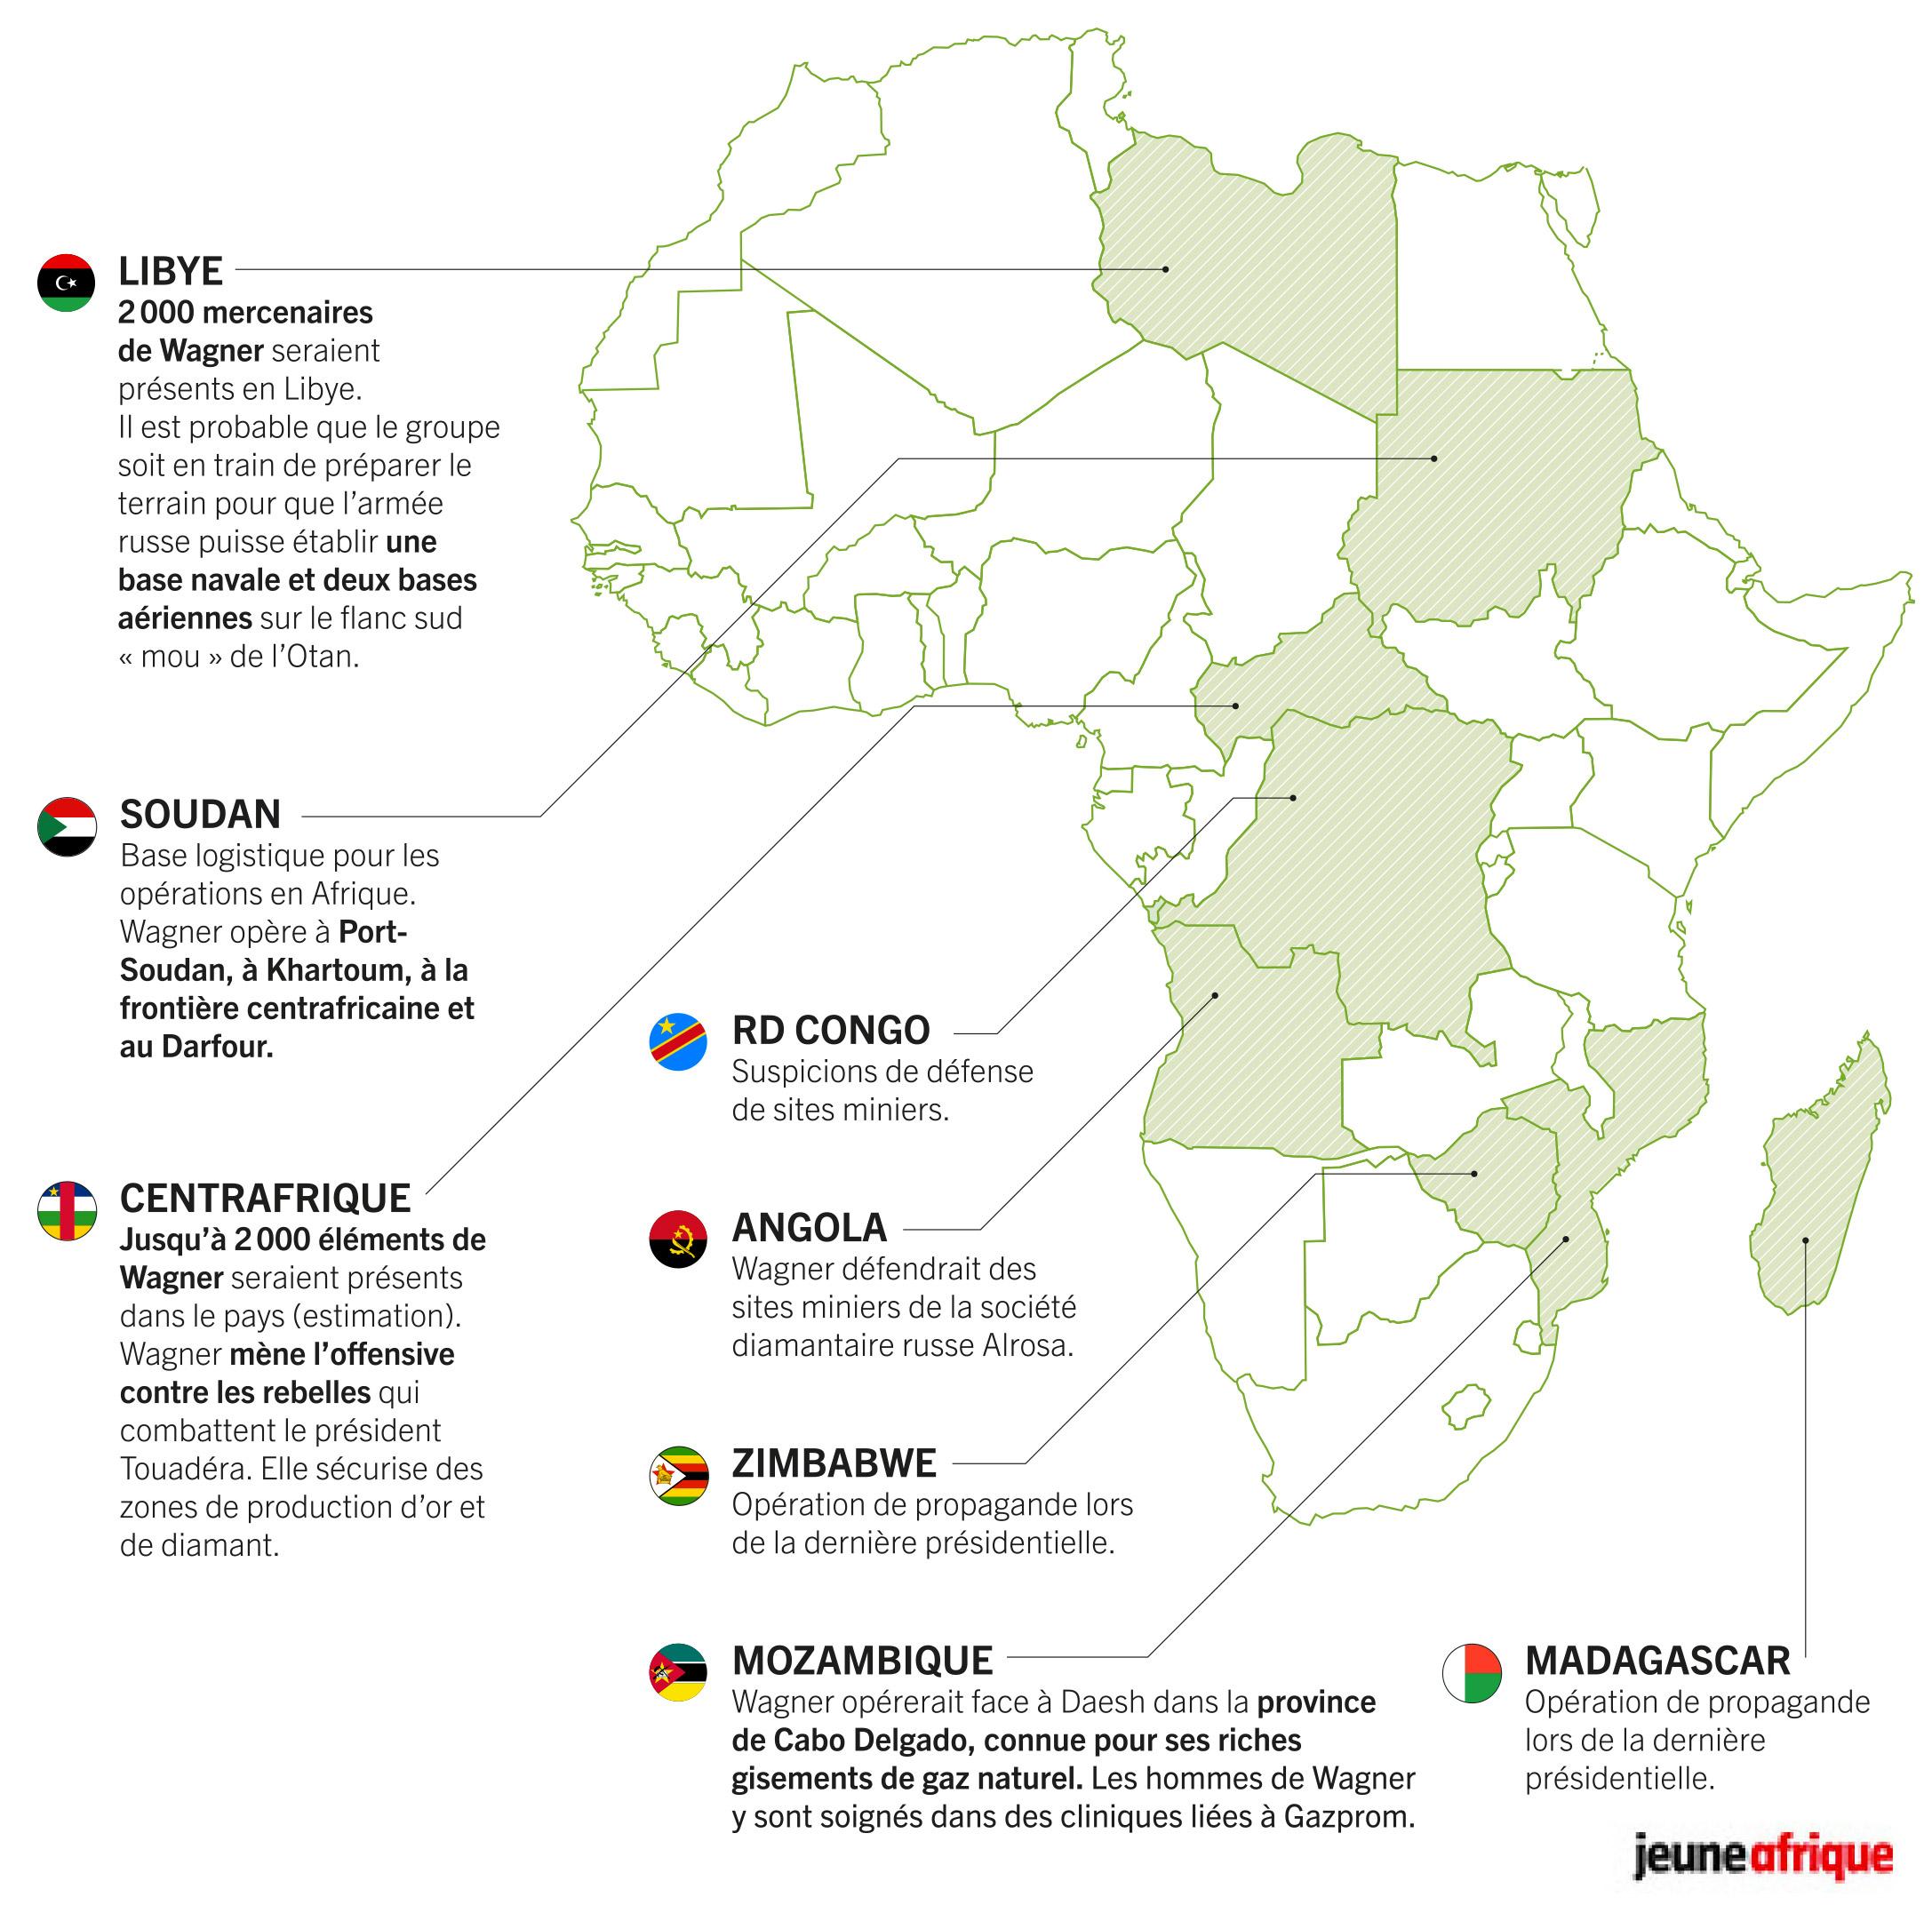 La présence des mercanaires russes de Wagner en Afrique.